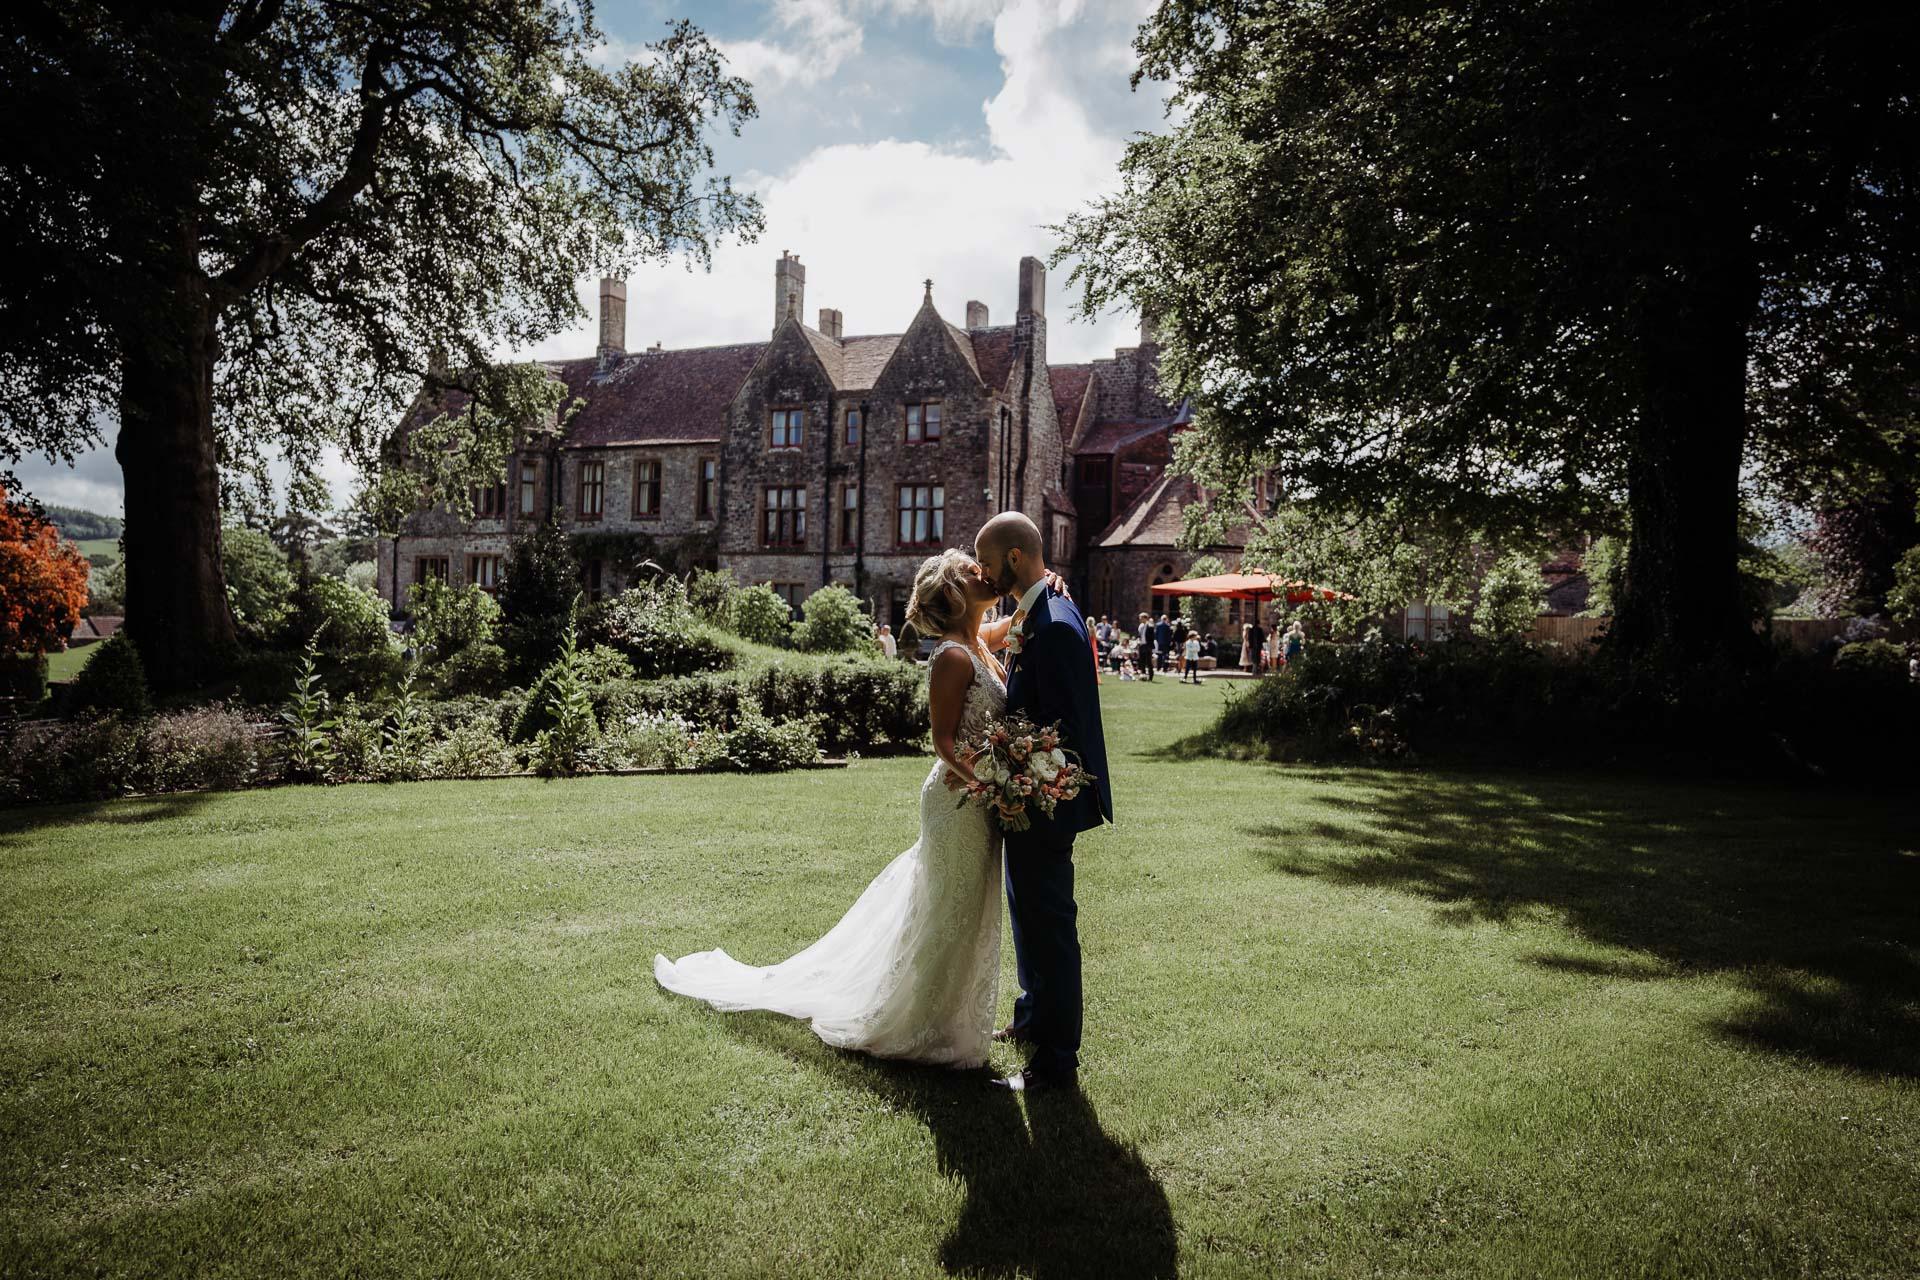 huntsham-court-wedding-photographer-030